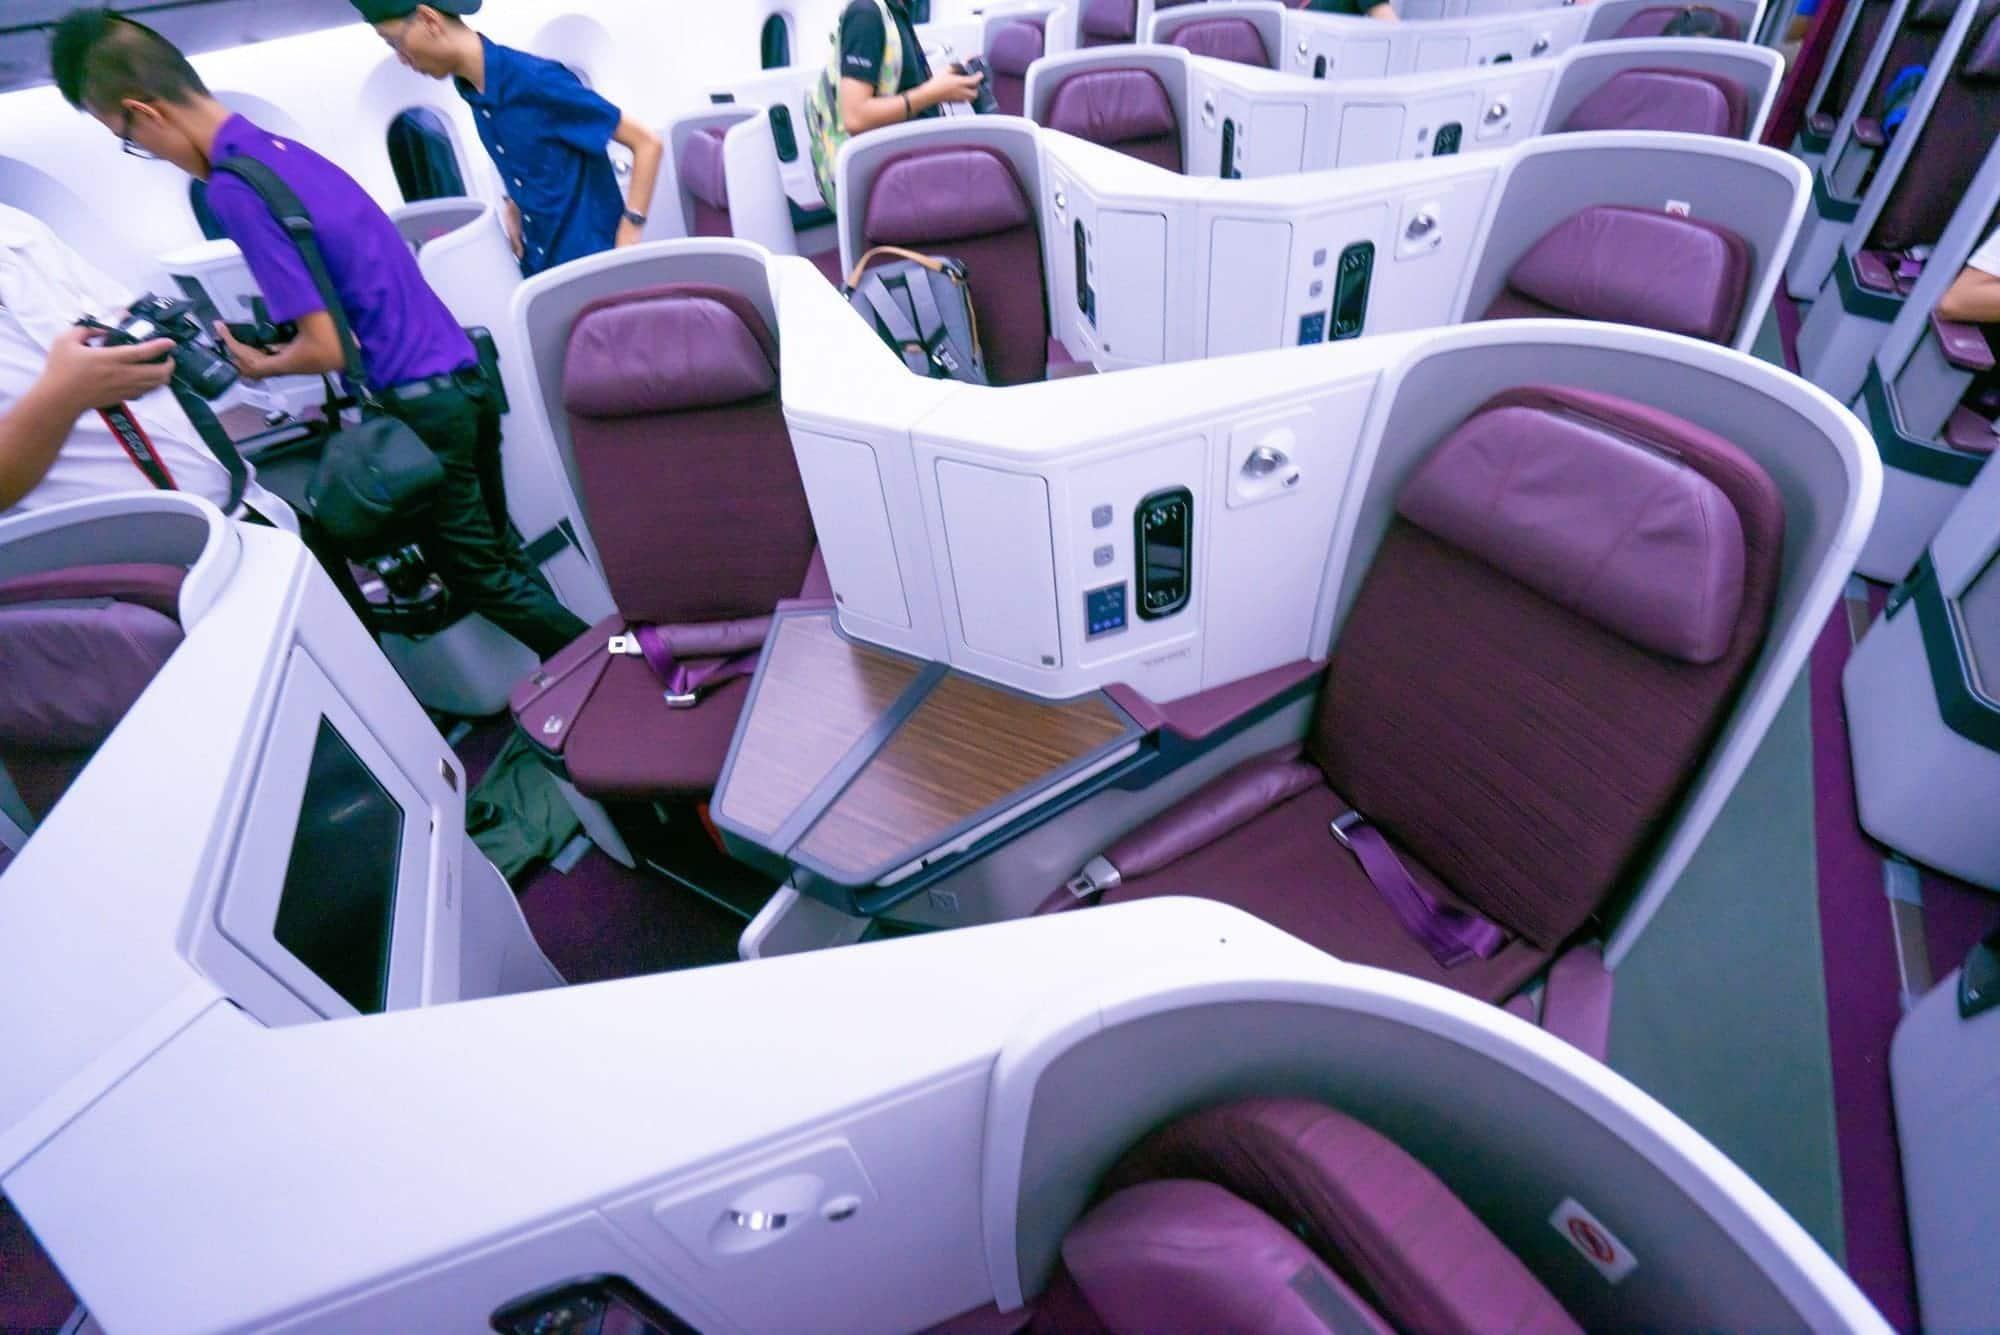 สำรวจเครื่องบิน Boeing 787-9 ลำใหม่ของการบินไทย - สำรวจเครื่องบิน Boeing 787-9 ลำใหม่ของการบินไทย